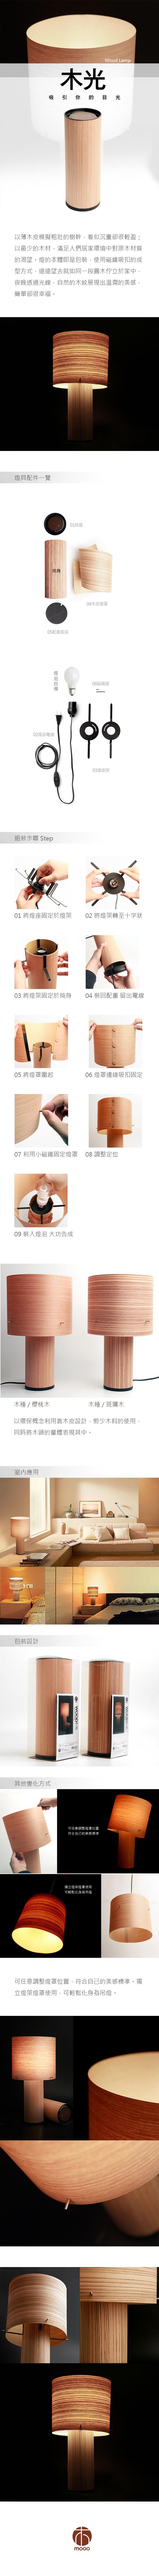 天晴設計 WOOD Lamp木光 真原木皮燈 櫻桃木